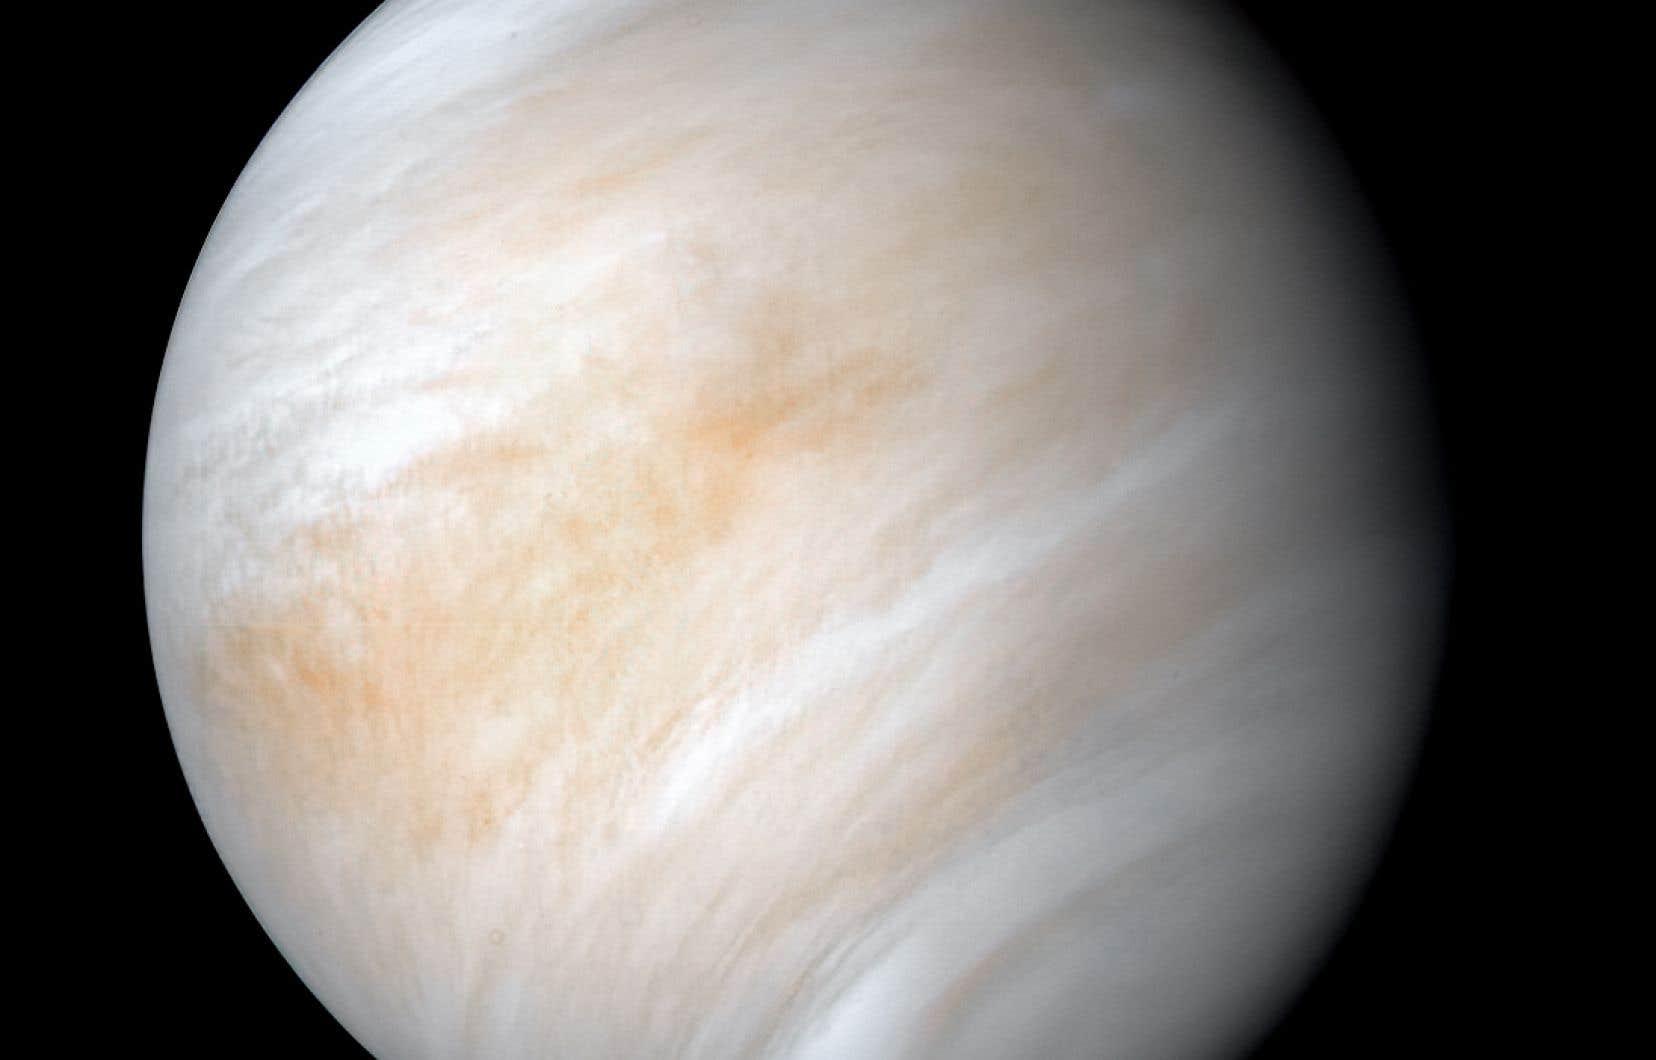 S'il y a en effet de la vie dans les nuages de Vénus, les chercheurs croient qu'il doit s'agir d'une forme aérienne qui ne serait présente qu'au niveau de la couche tempérée de l'atmosphère de la planète.